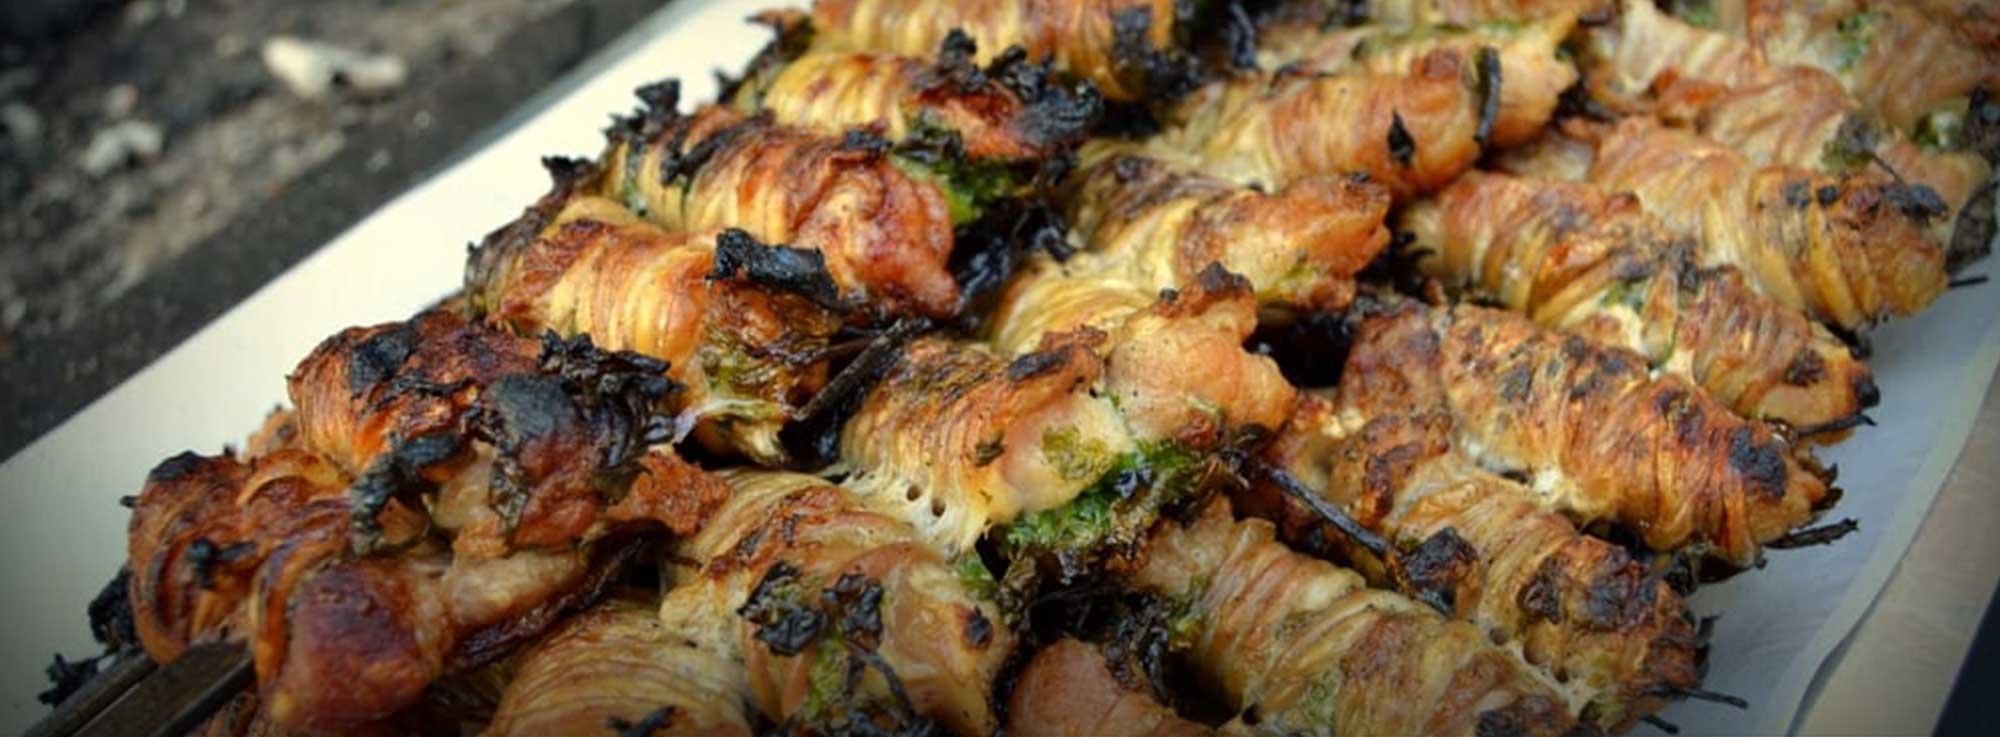 San Giovanni Rotondo: Sagra della carne garganica